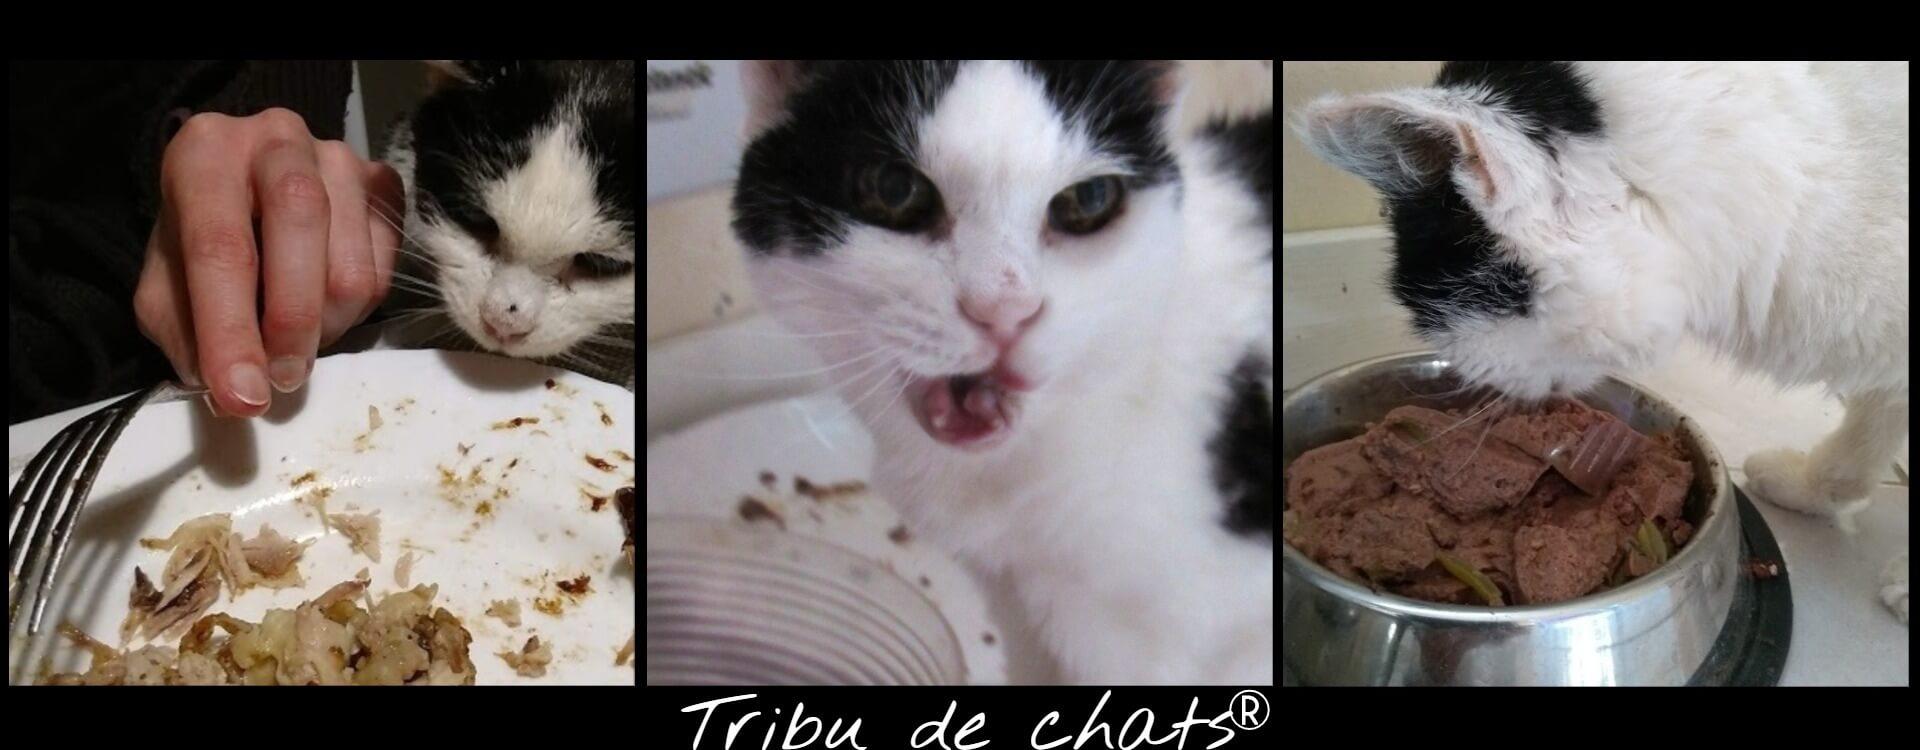 Joséphine_de_la_Tribu_de_chats_gourmande